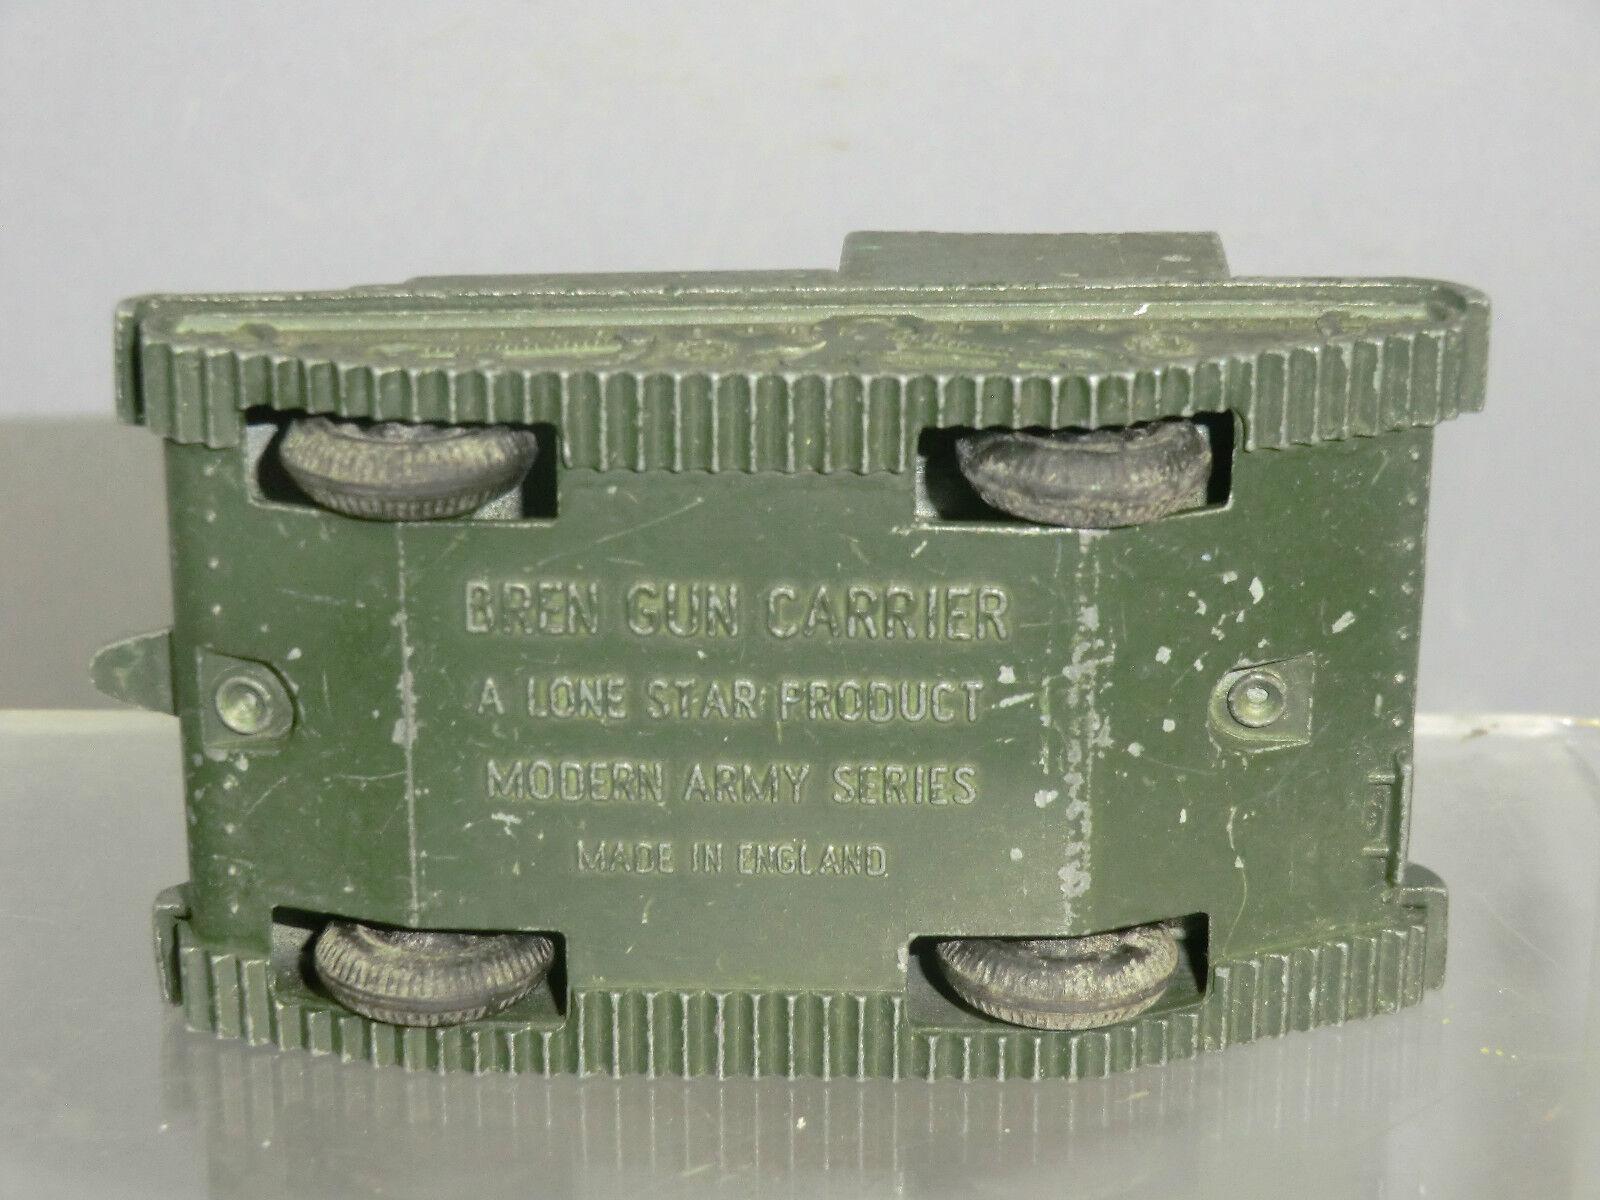 VINTAGE VINTAGE VINTAGE LONE STAR MODEL No.1279  BRITISH ARMY  BREN GUN CARRIER  (GREEN VERSION) 41728c